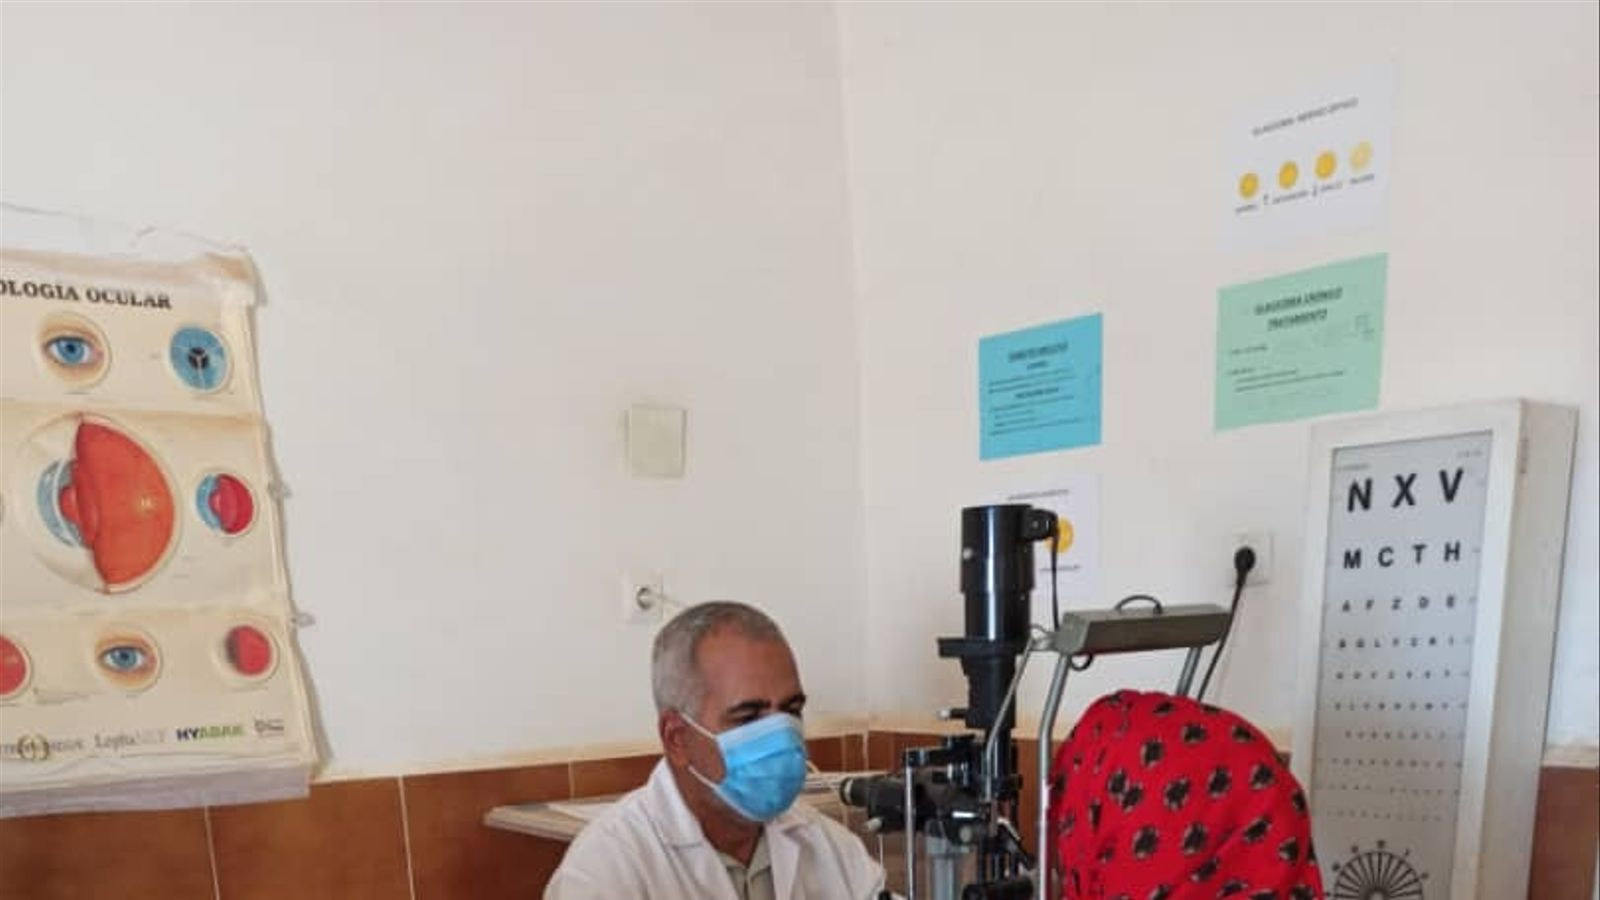 La Fundació Ulls del Món alerta que la pandèmia ha deixat enrere els afectats per ceguesa en situació vulnerable